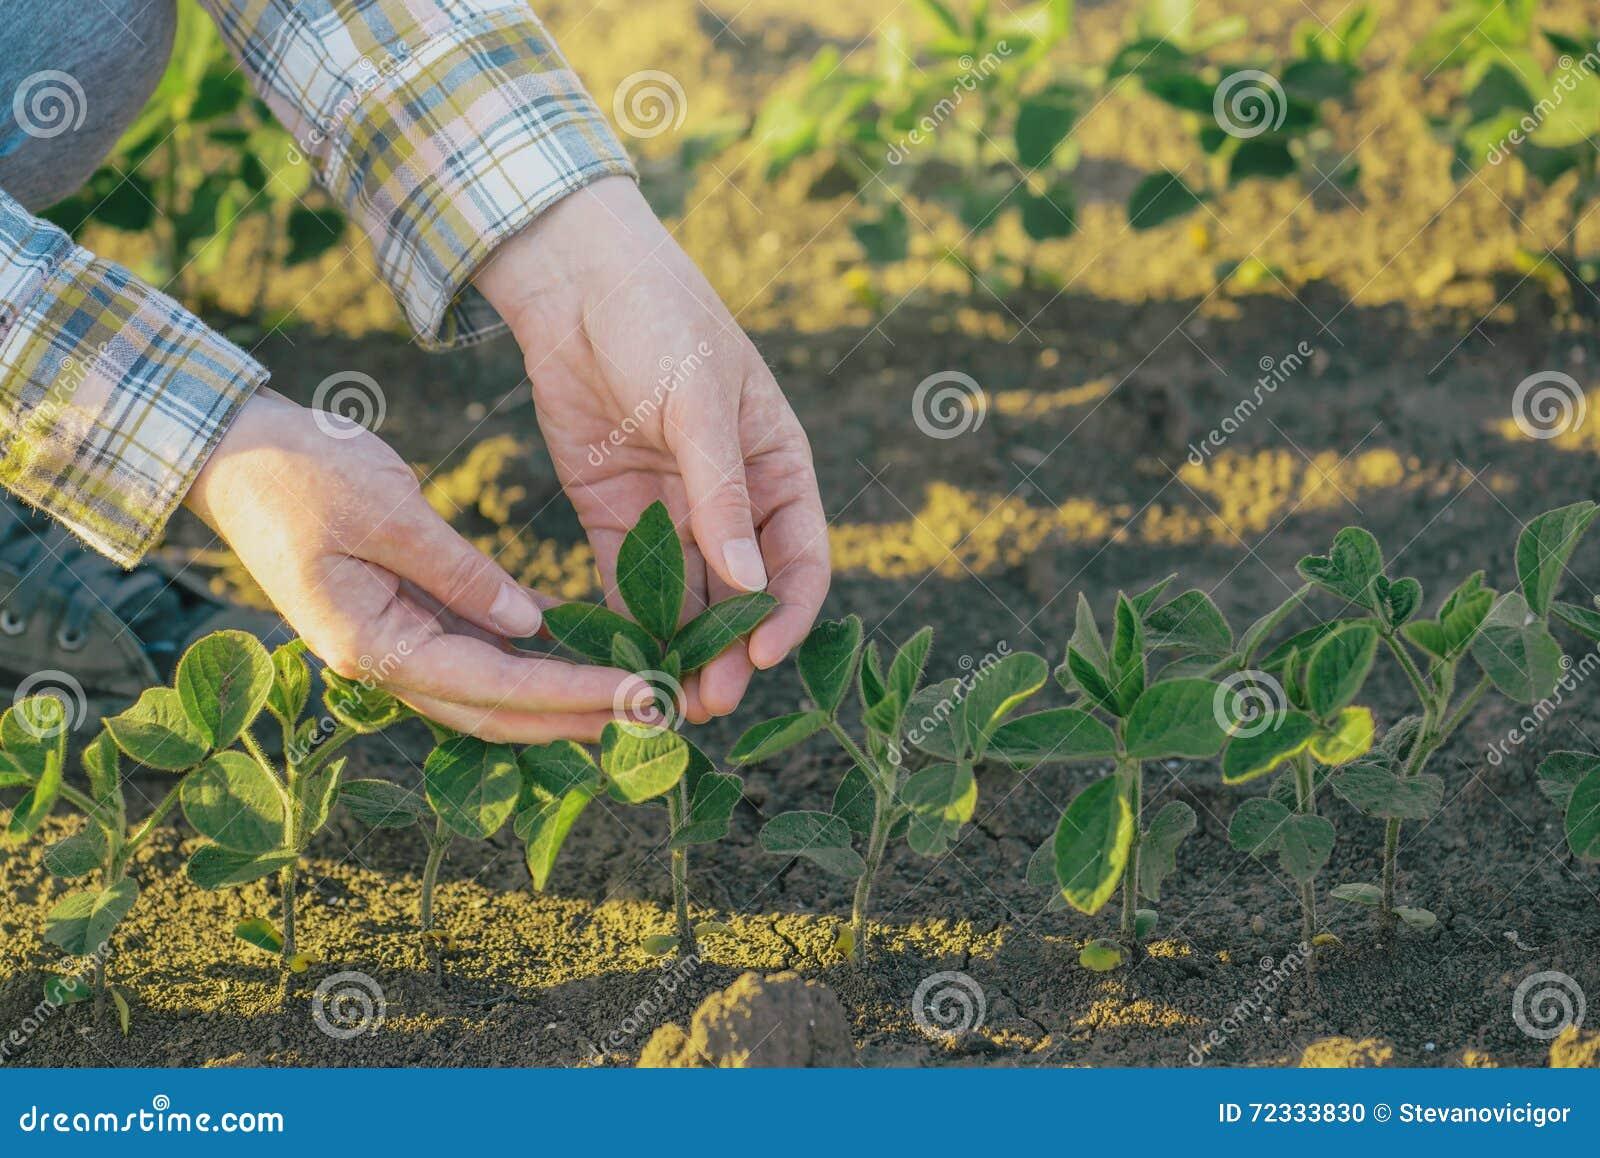 在大豆的女性农夫的手调遣,负责任种田